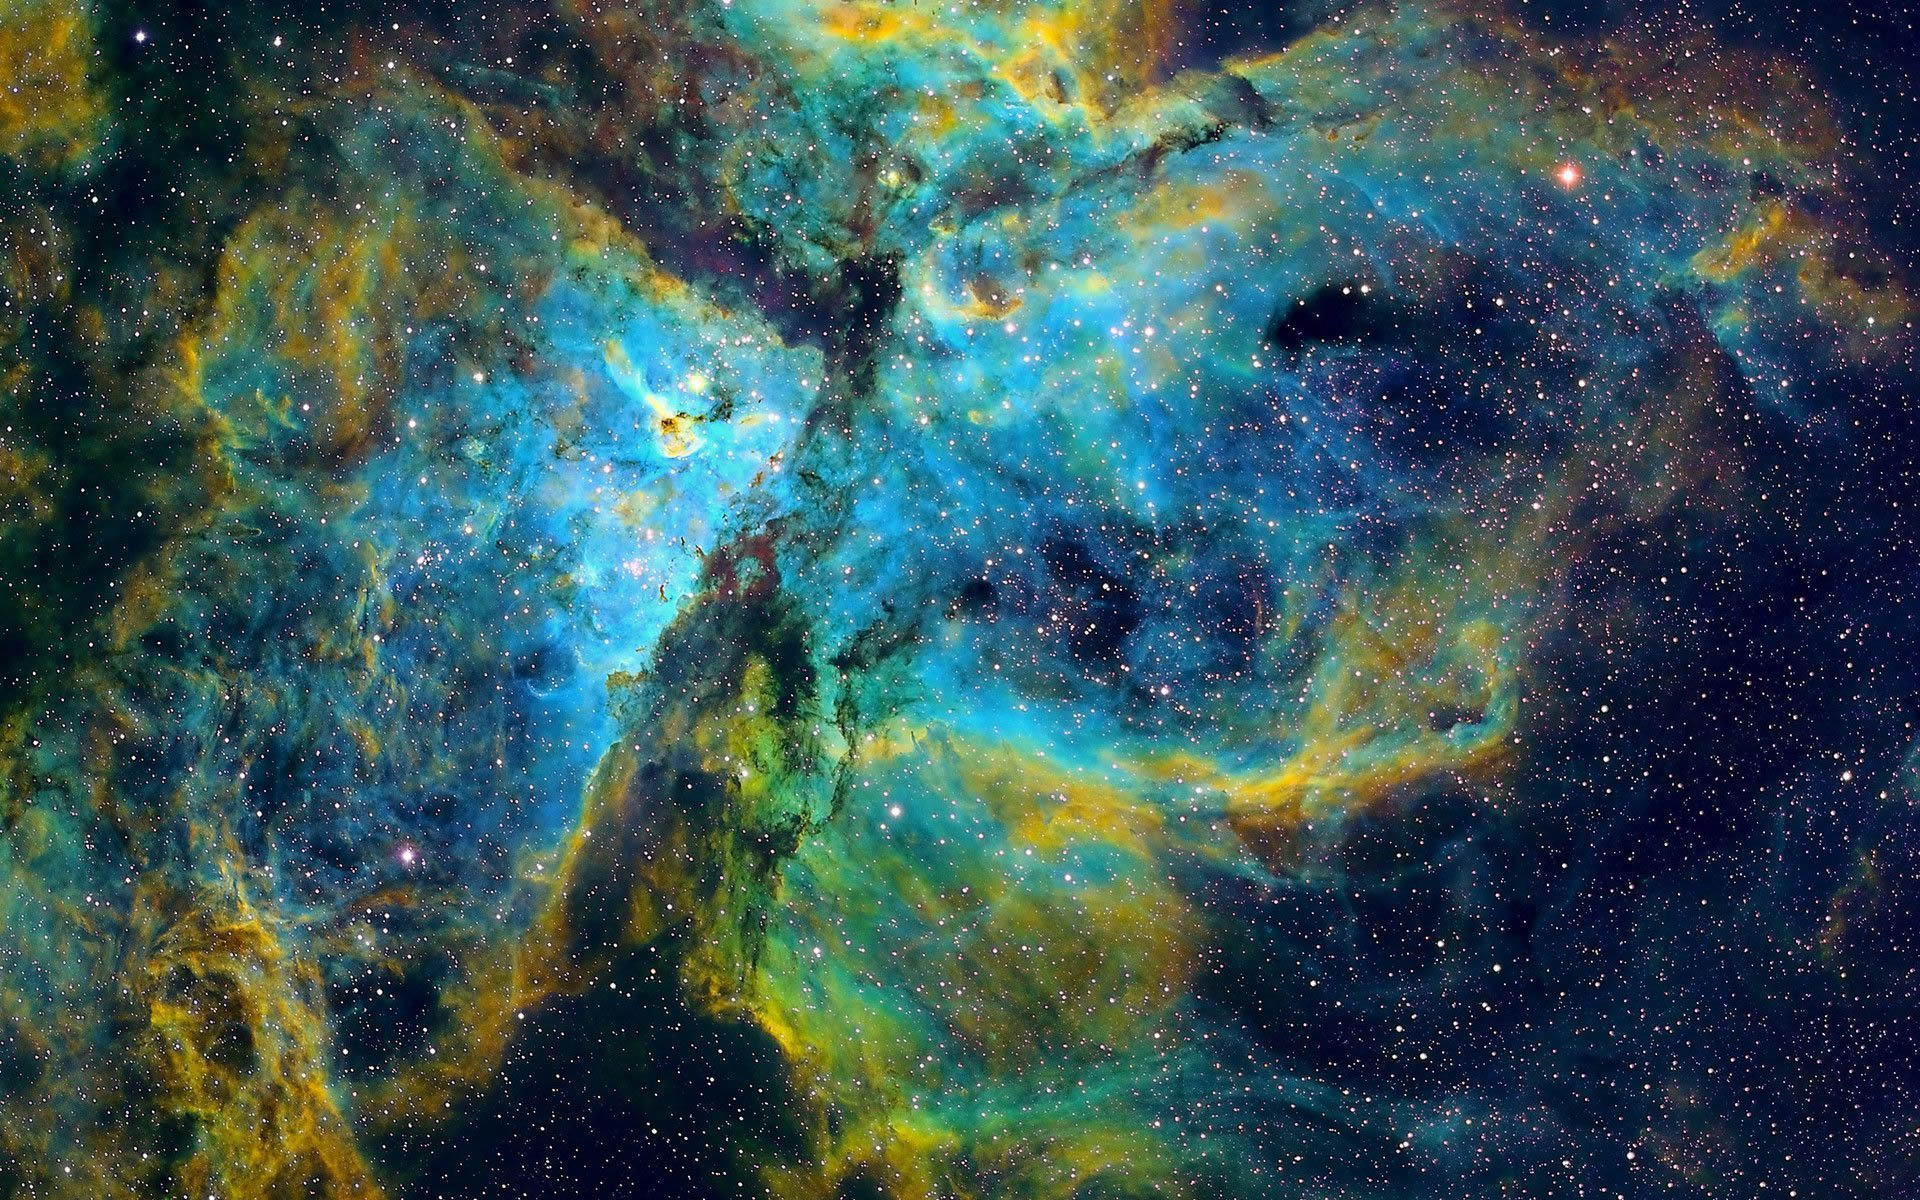 fondos de pantalla del universo wallpapers hd gratis